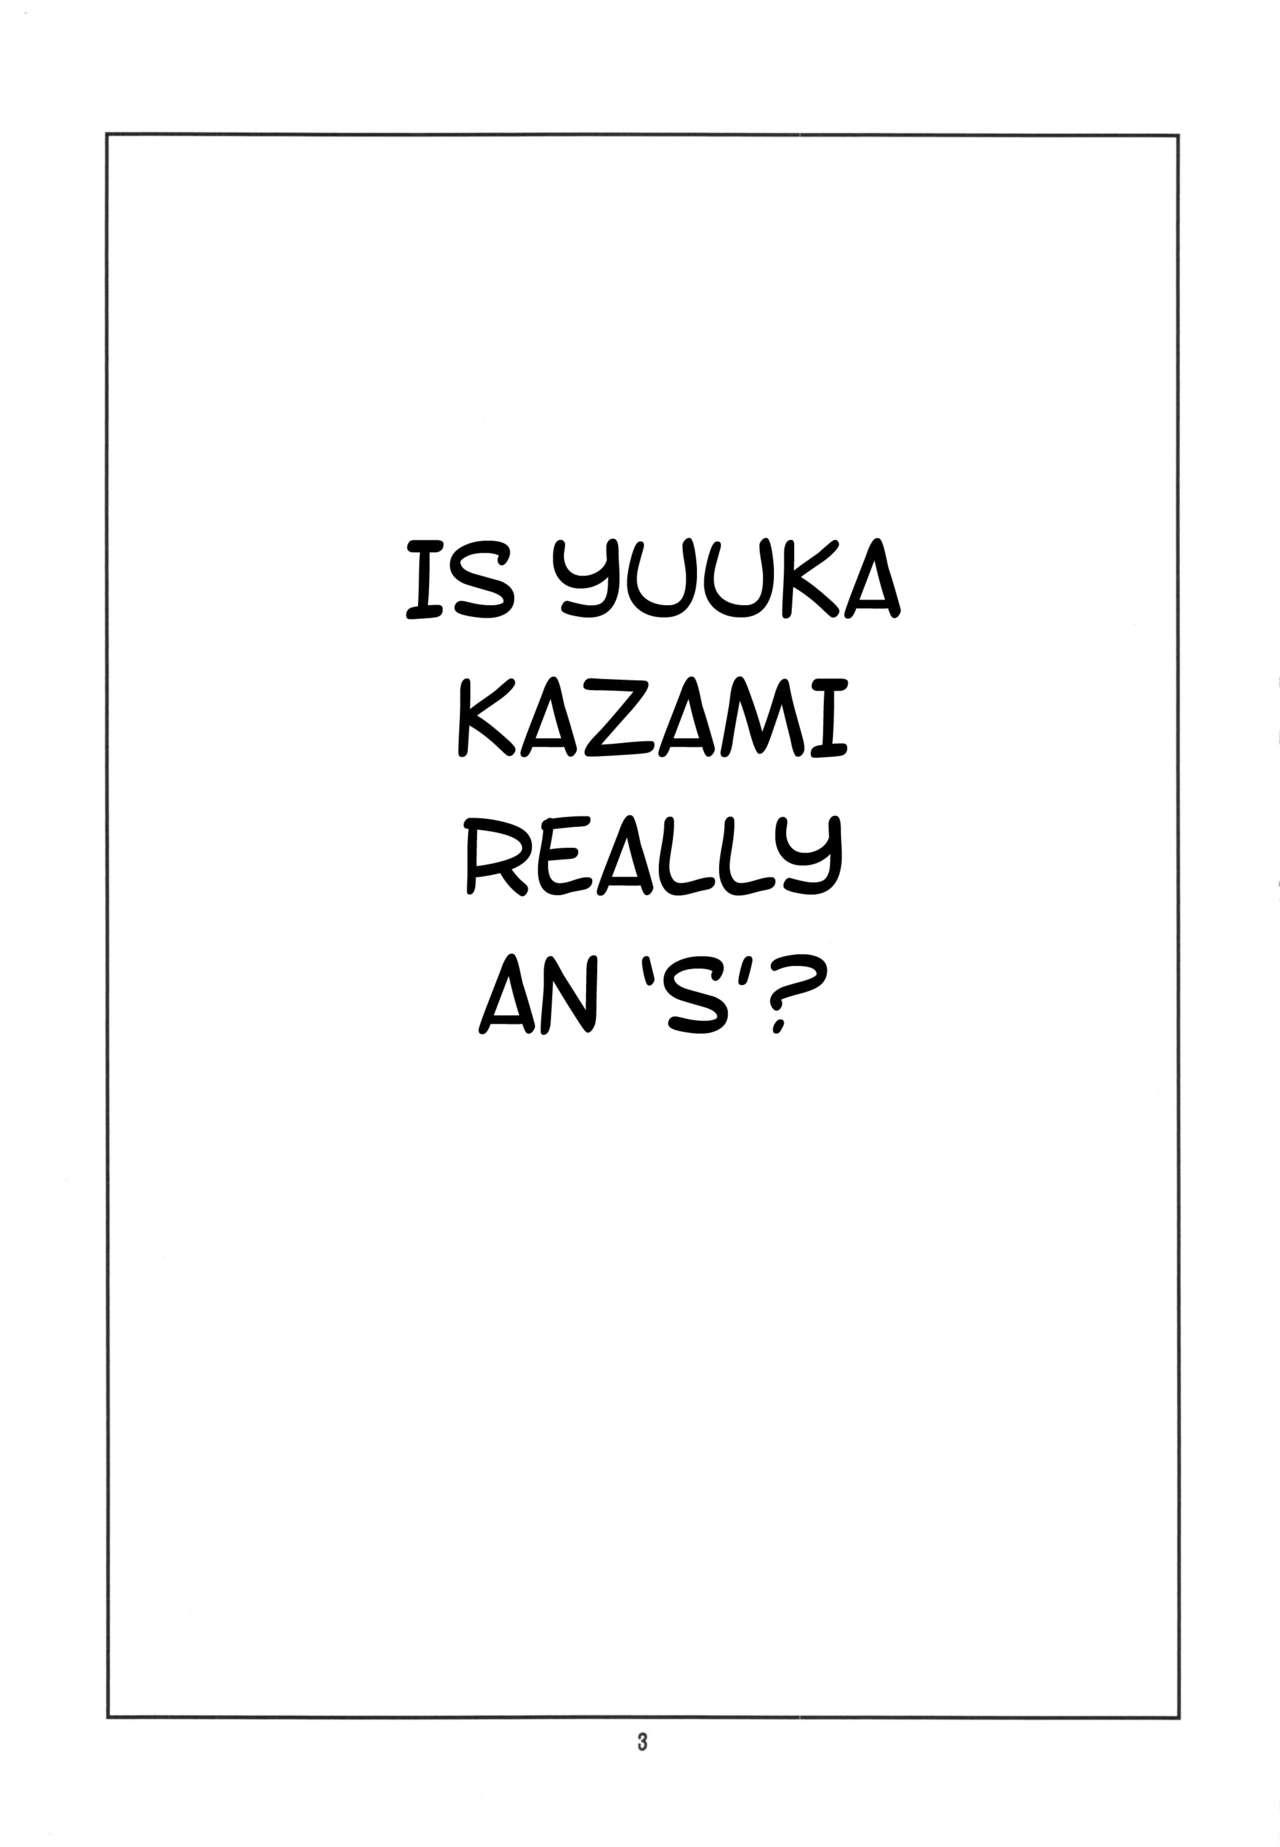 Hontou wa S-i Kazami Yuuka 4